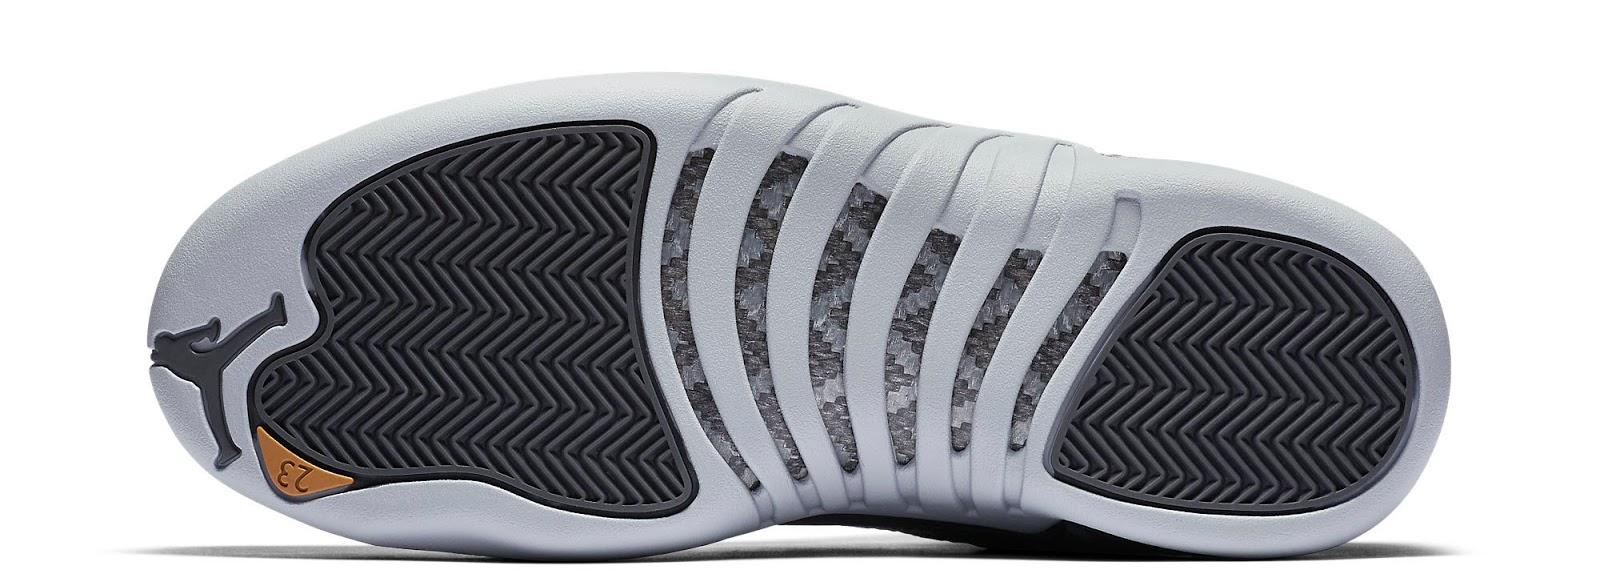 45260825b9ae ajordanxi Your  1 Source For Sneaker Release Dates  Air Jordan 12 ...